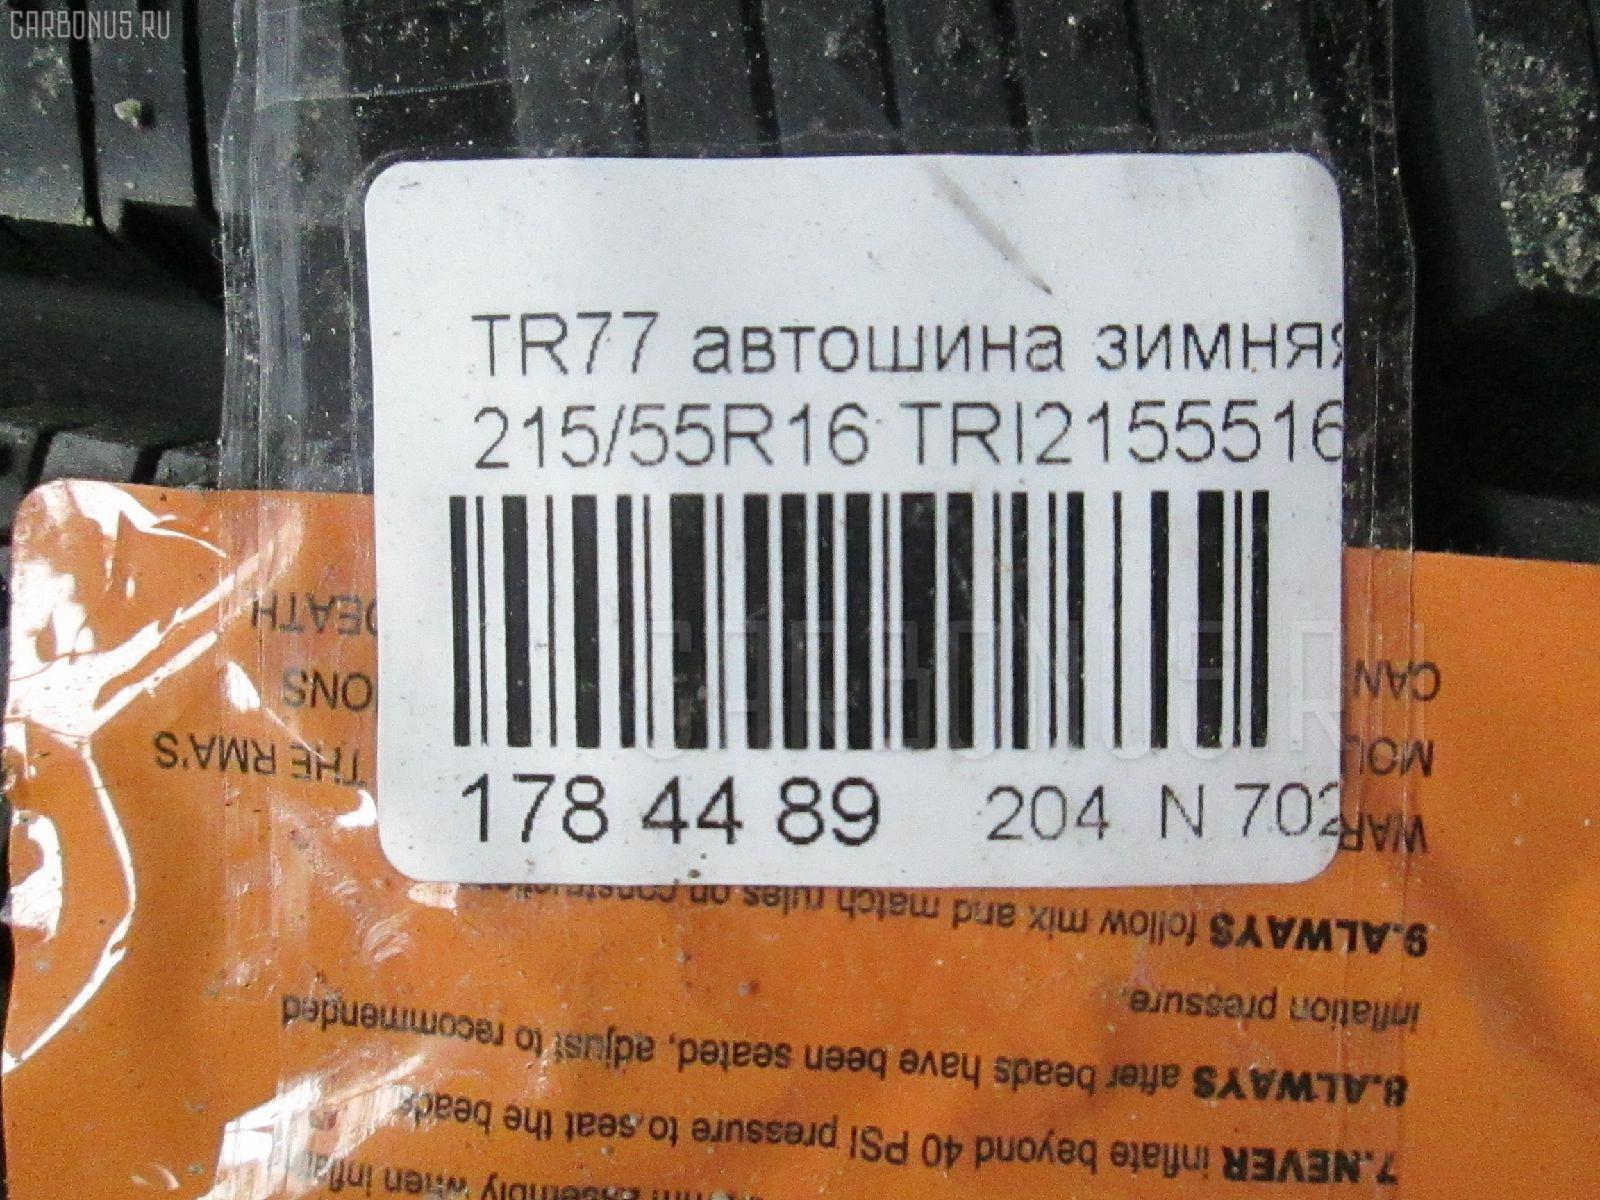 Автошина легковая зимняя TR777 215/55R16 TRIANGLE Фото 4